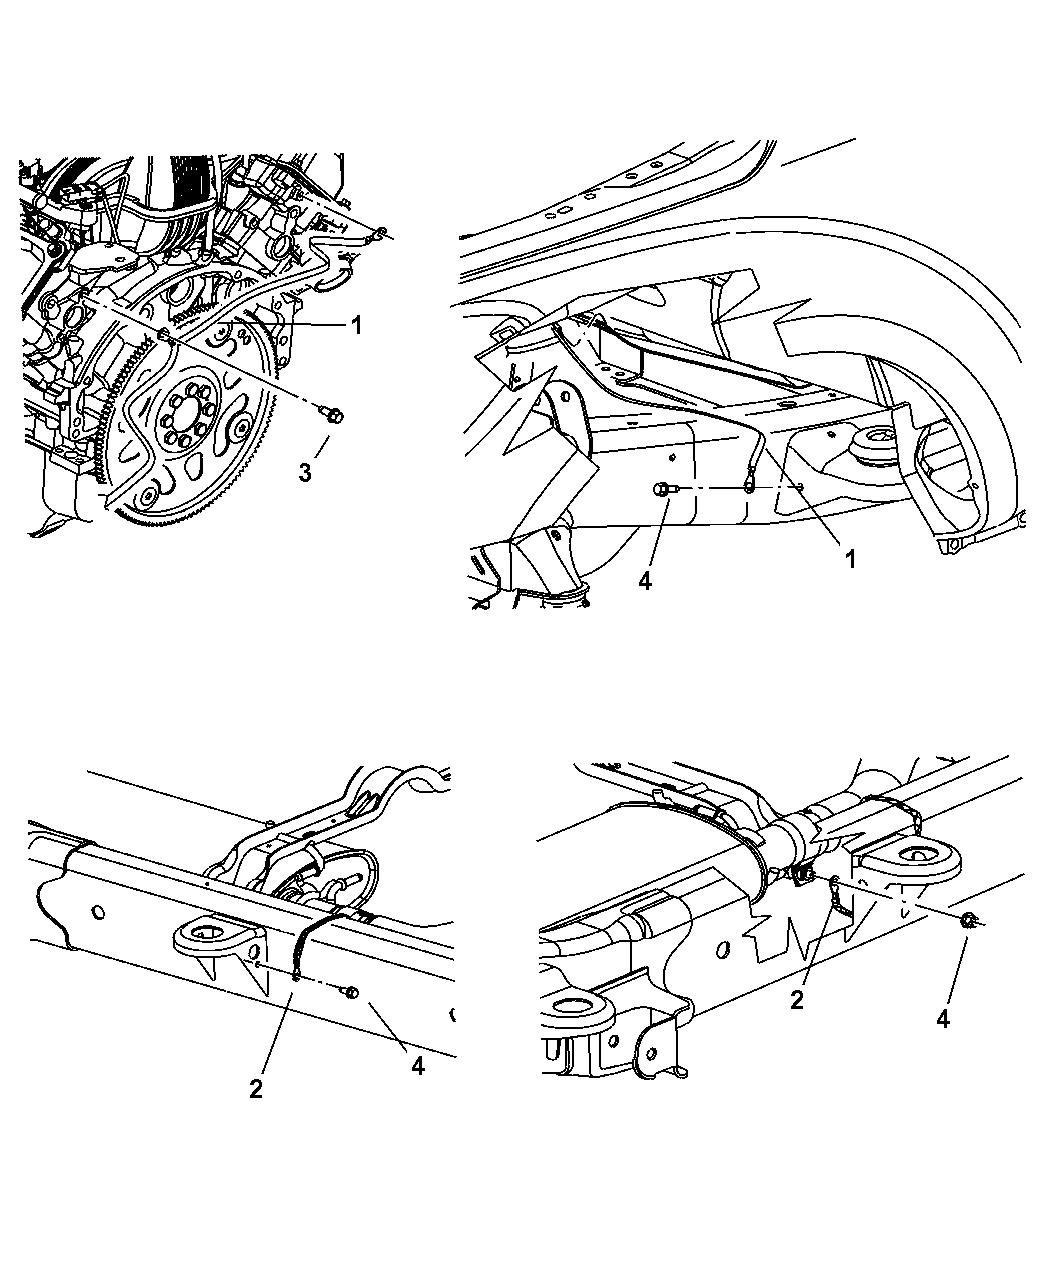 2006 Dodge Durango Ground Straps Engine